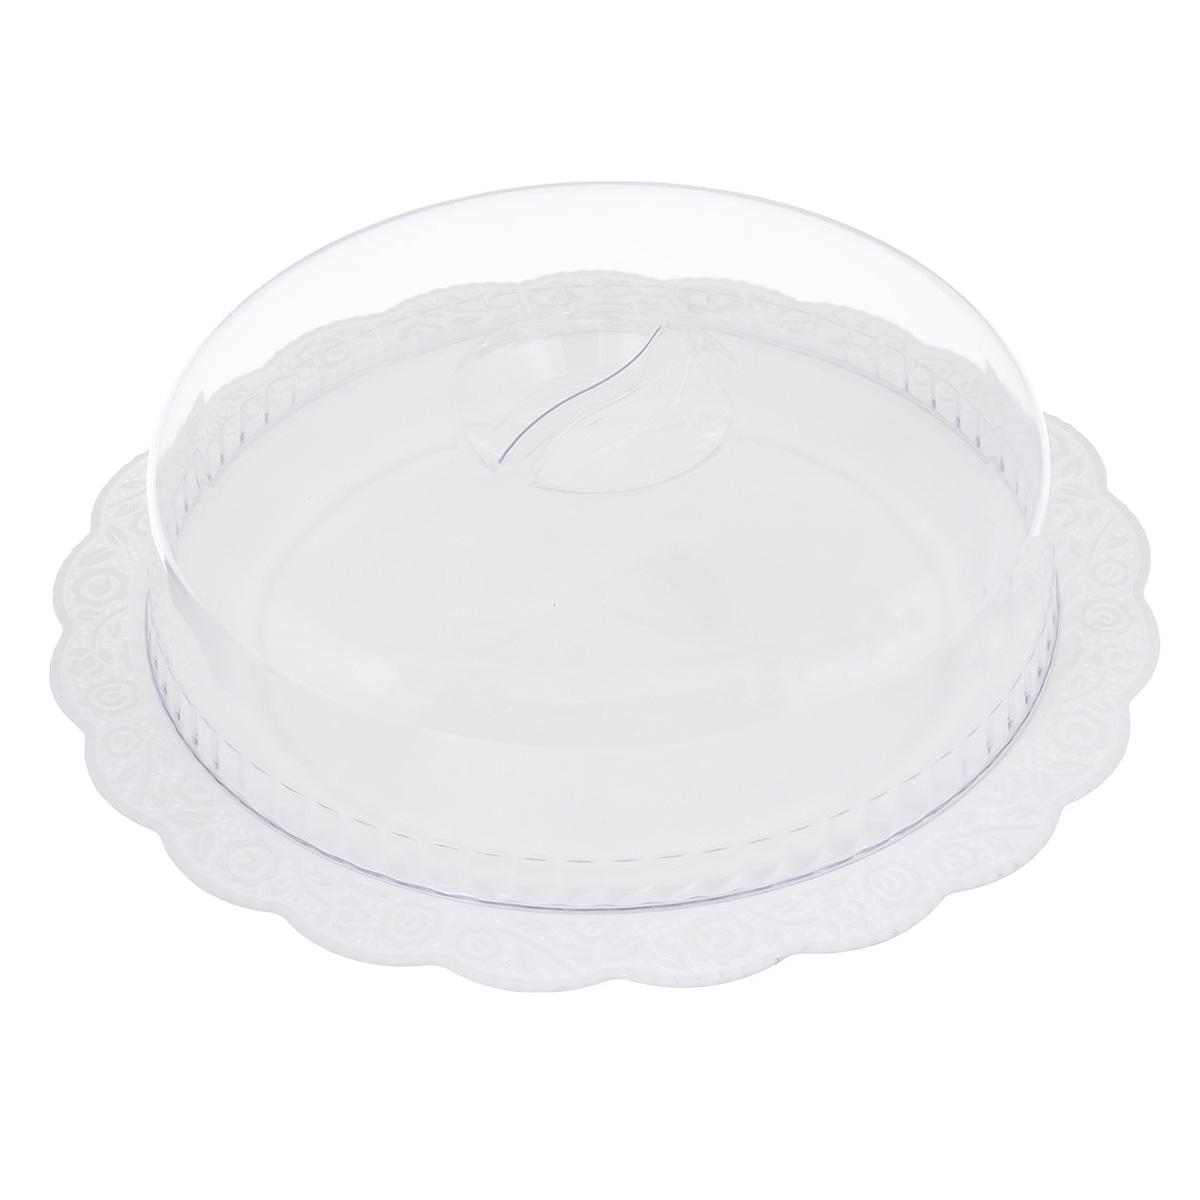 Блюдо Альтернатива Нежность, с крышкой, цвет: белый, прозрачный, диаметр 36,5 см115510Круглое блюдо Альтернатива Нежность, выполненное из высококачественного пищевого пластика, оснащено прозрачной крышкой. Волнообразные края изделия оформлены красивым рельефным рисунком. Блюдо идеально для подачи торта и больших пирогов. Оригинальный дизайн придется по вкусу и ценителям классики, и тем, кто предпочитает утонченность и изысканность. Диаметр блюда: 36,5 см. Диаметр крышки: 28 см.Высота (с учетом крышки): 10 см.